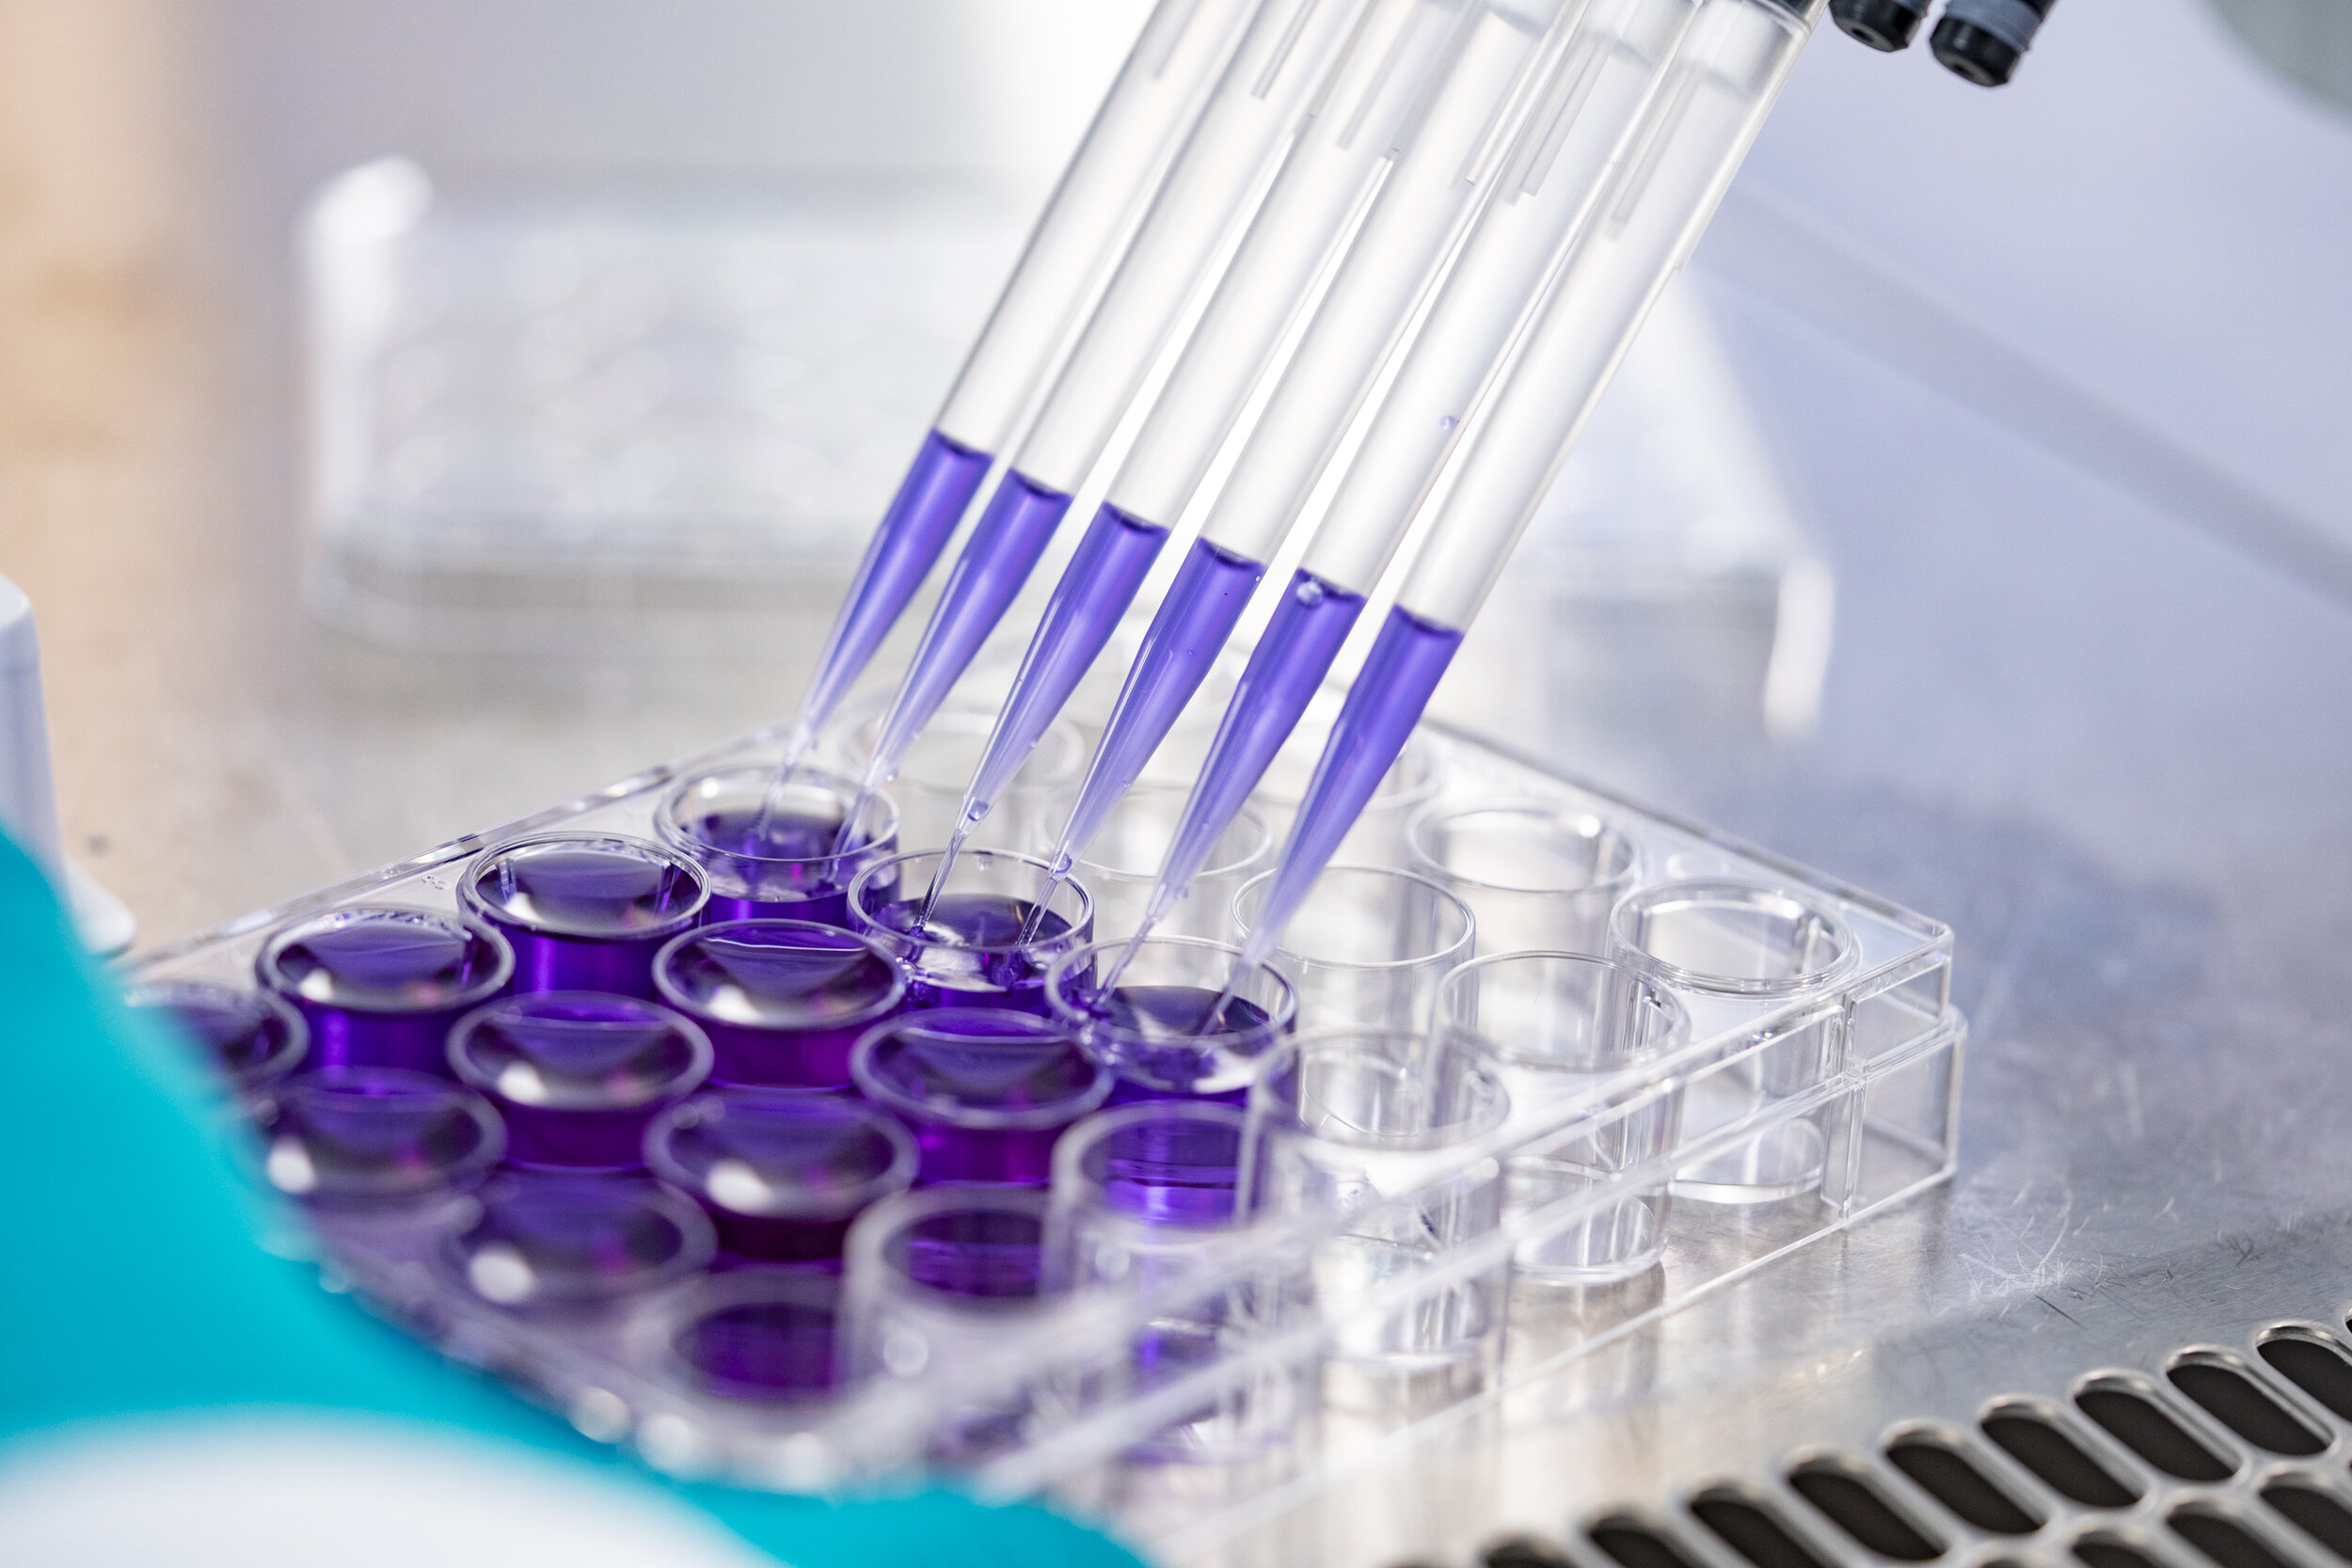 Microbiologie Bioassays Hensen 2018 12 07-021.jpg